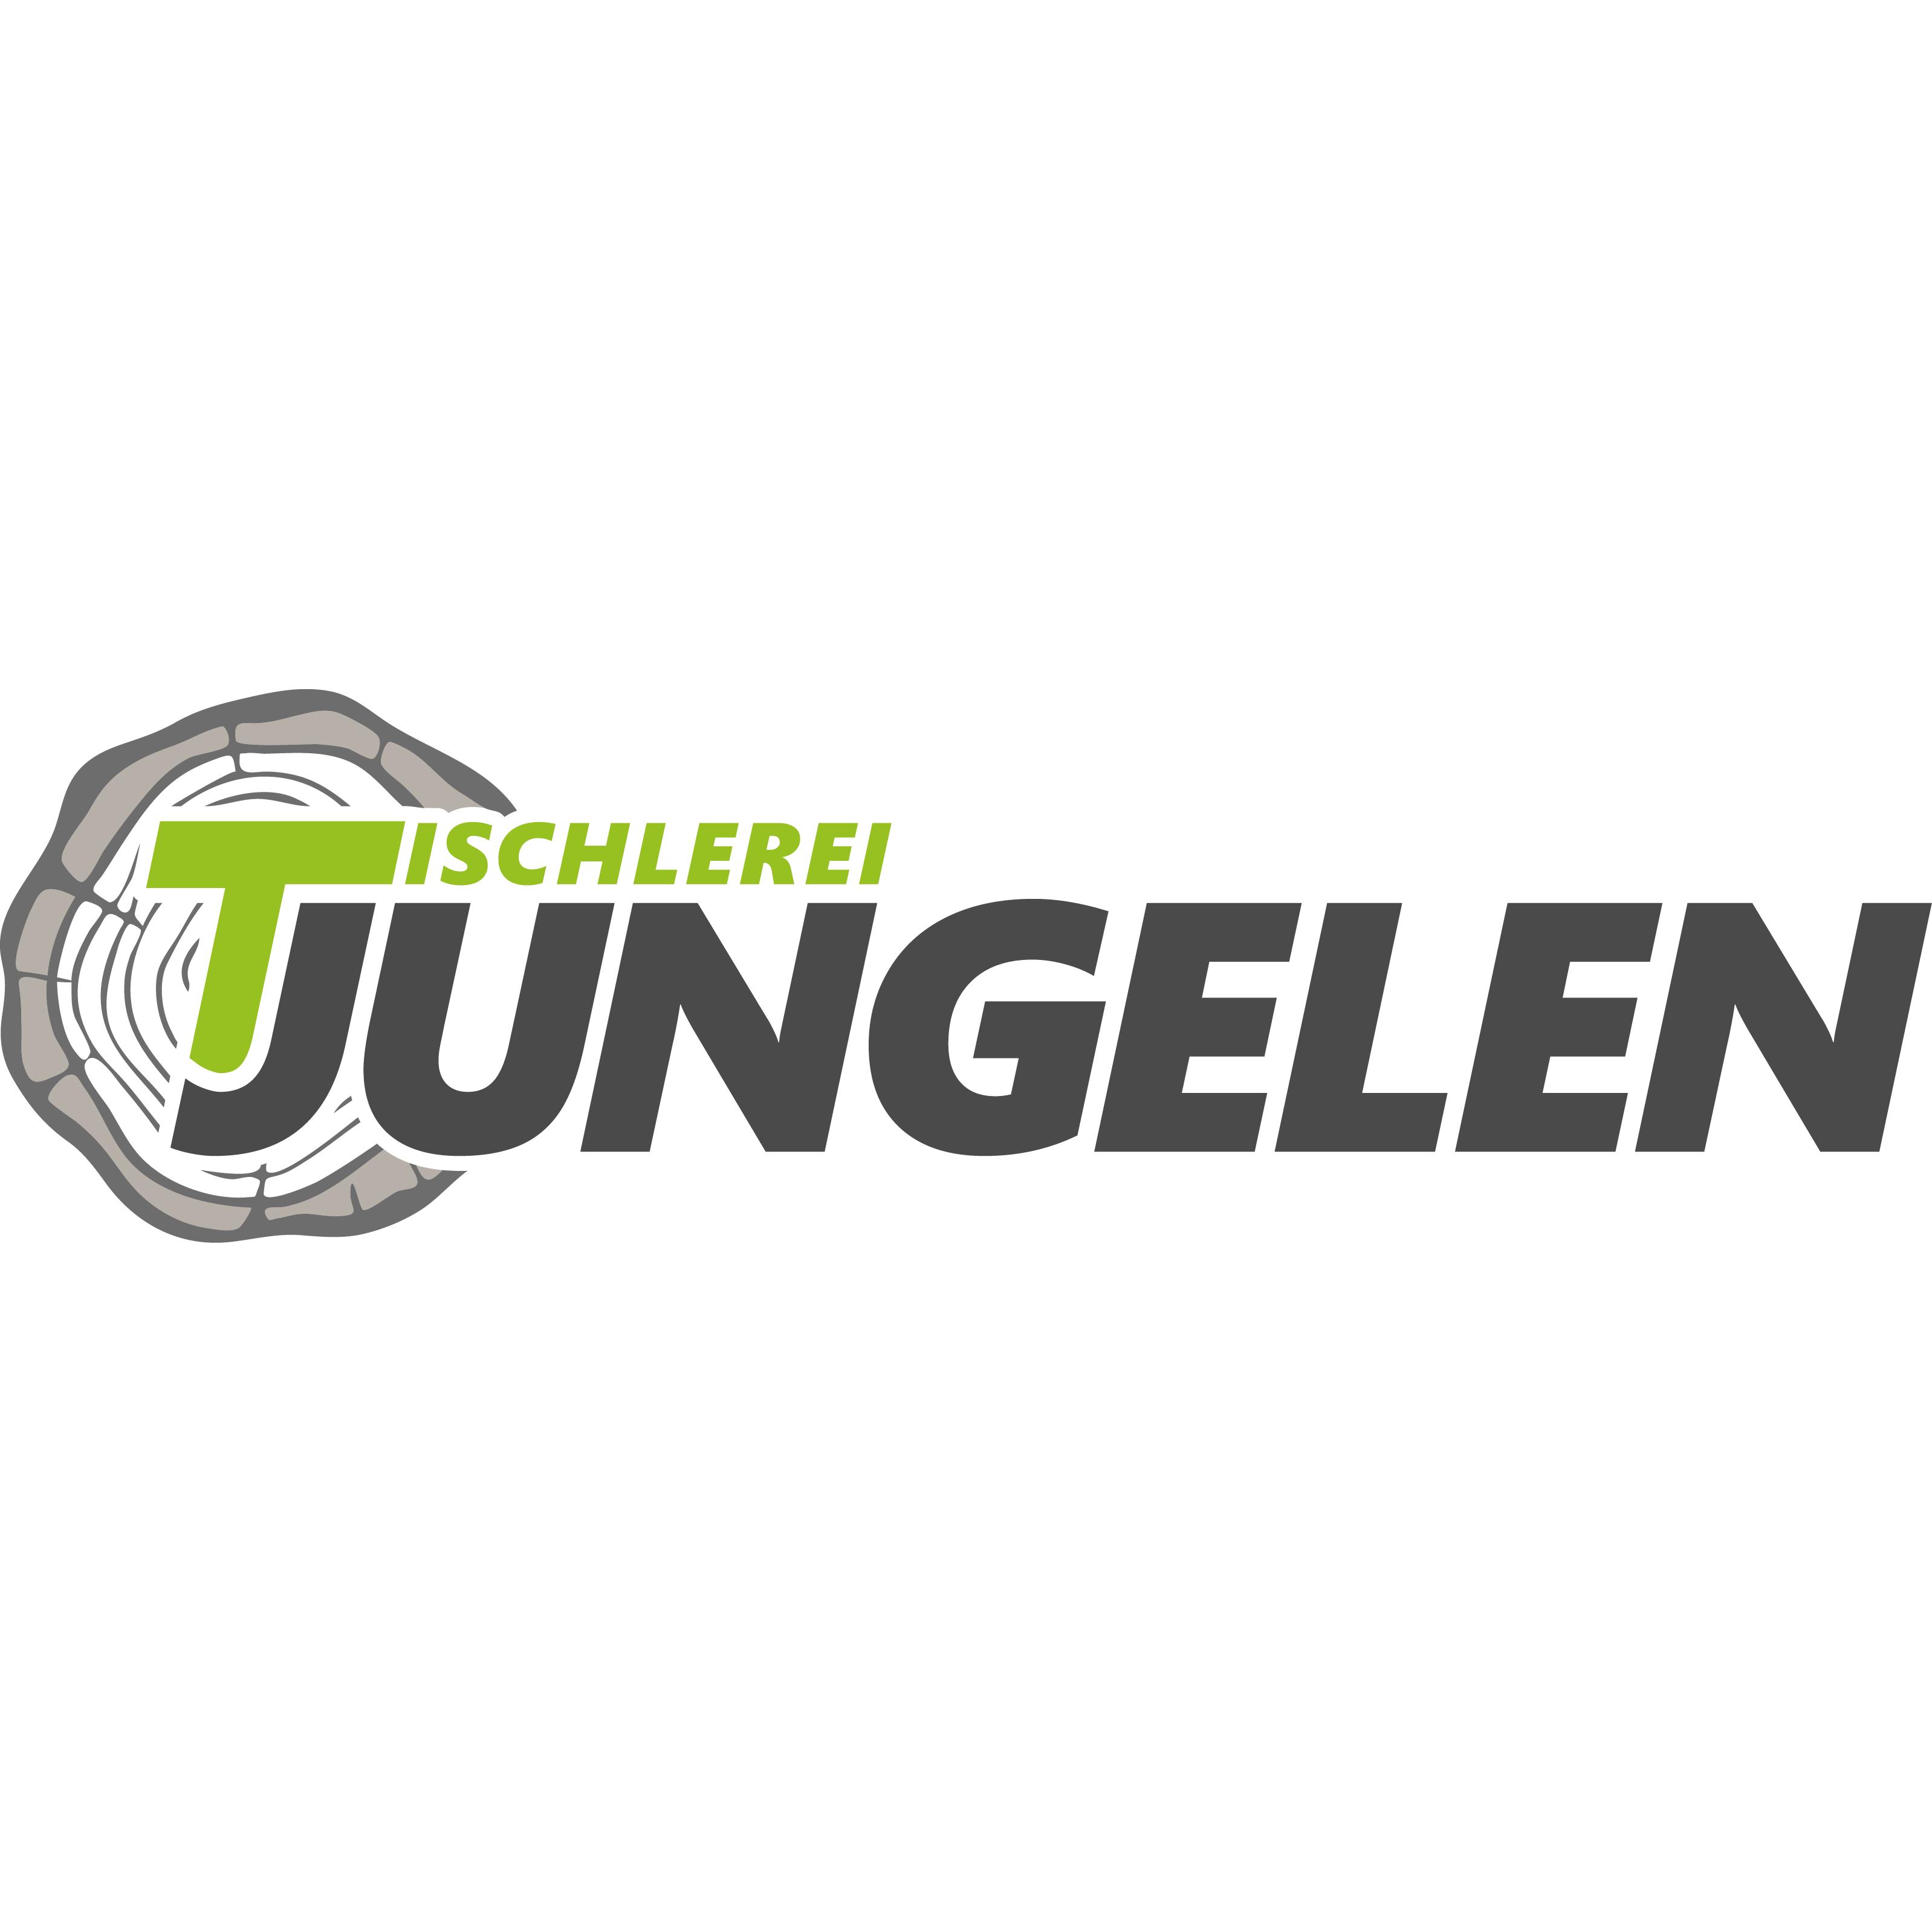 Bild zu Matthias Jungelen Tischlermeister in Oberhausen im Rheinland